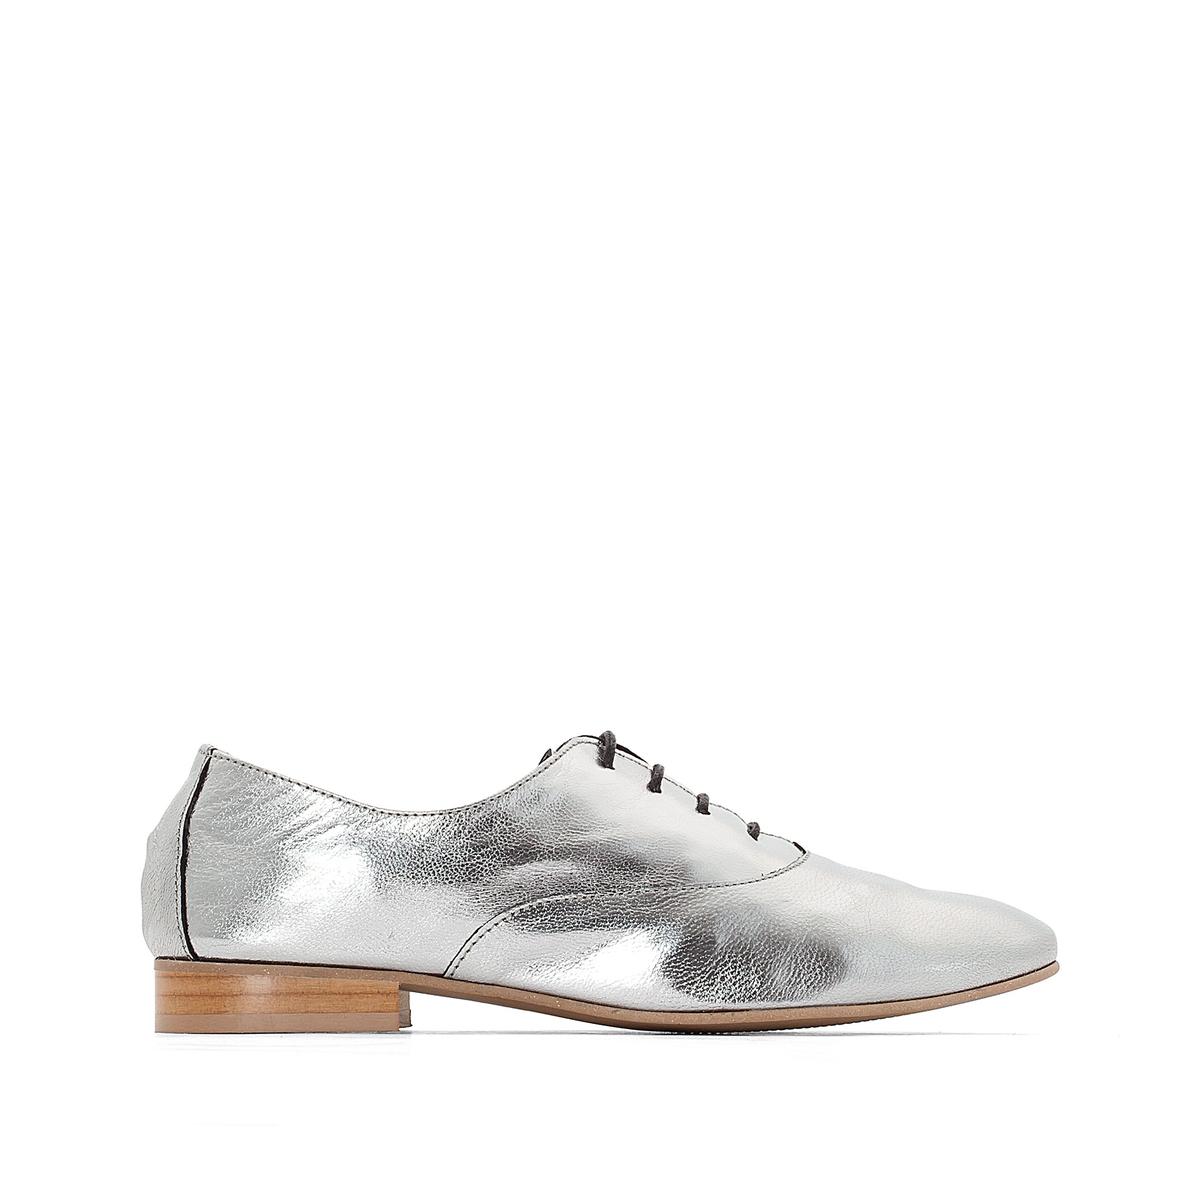 Ботинки-дерби из кожи с металлическим блеском